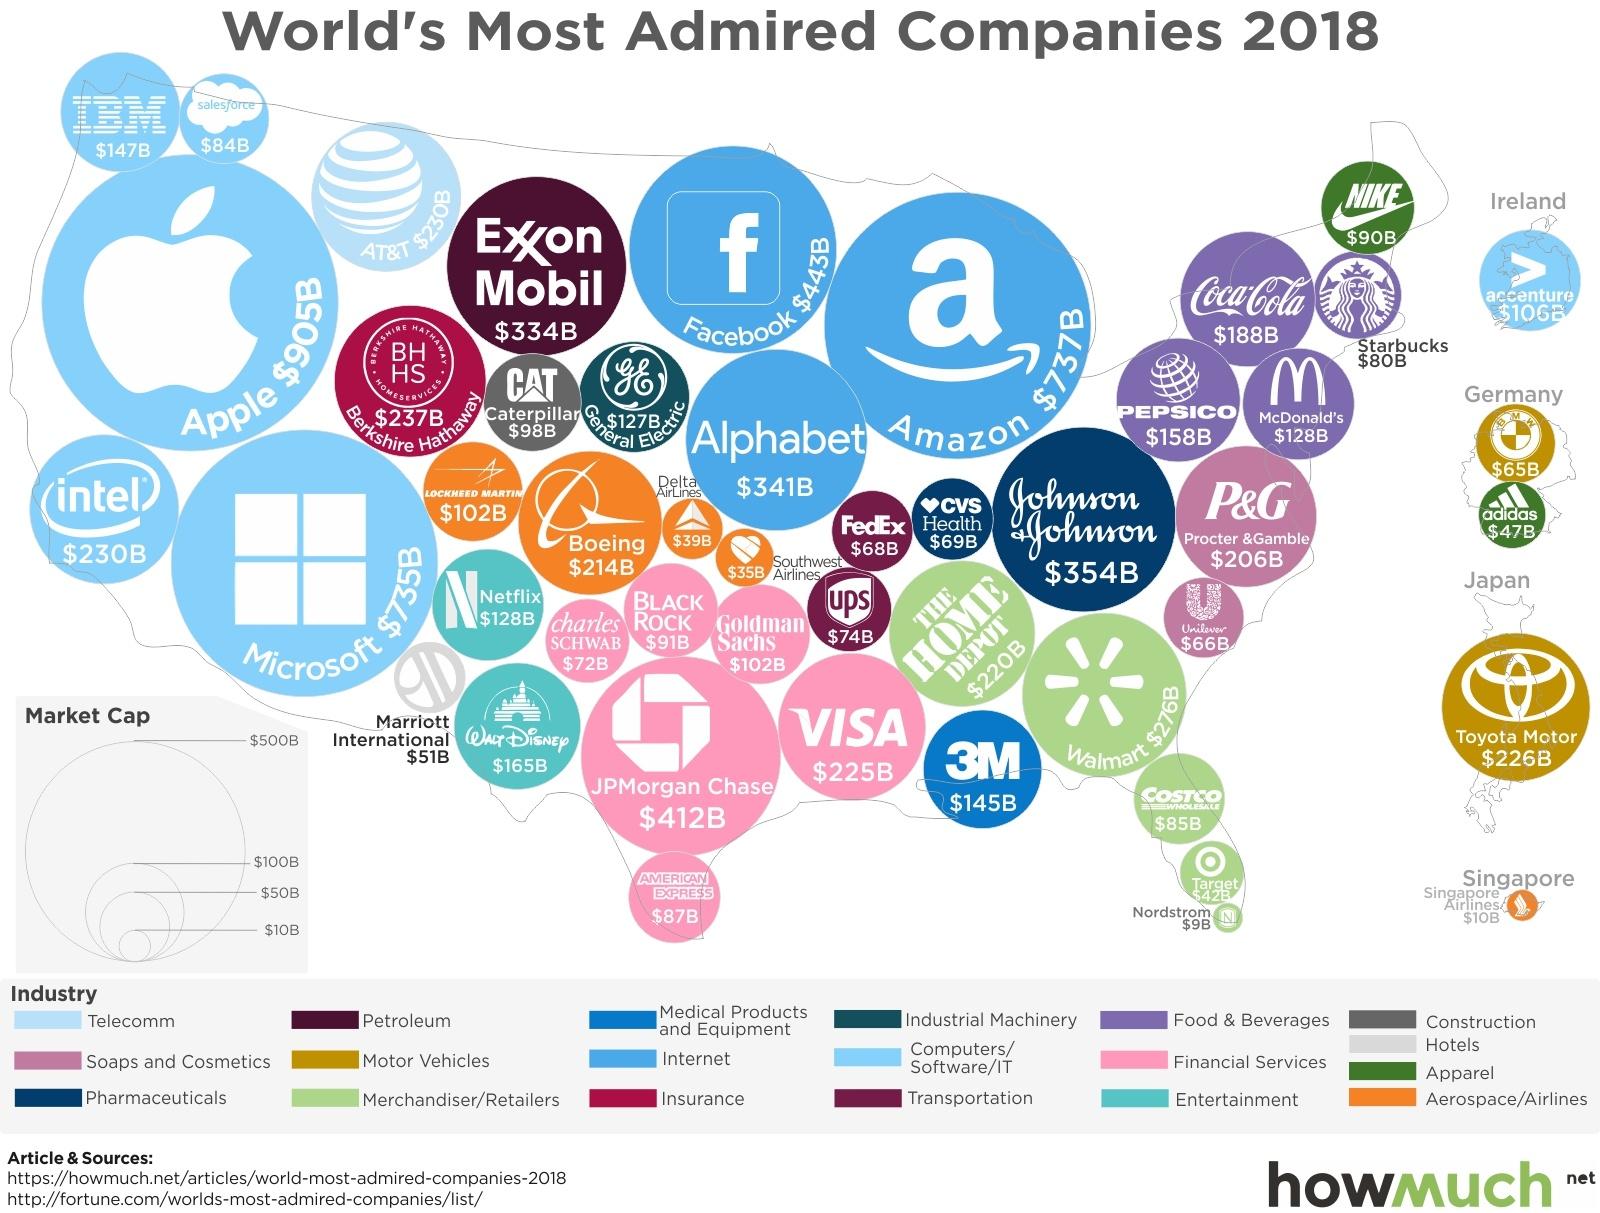 Самые уважаемые компании мира, Самые уважаемые компании мира: зачем инвестировать за рубежом